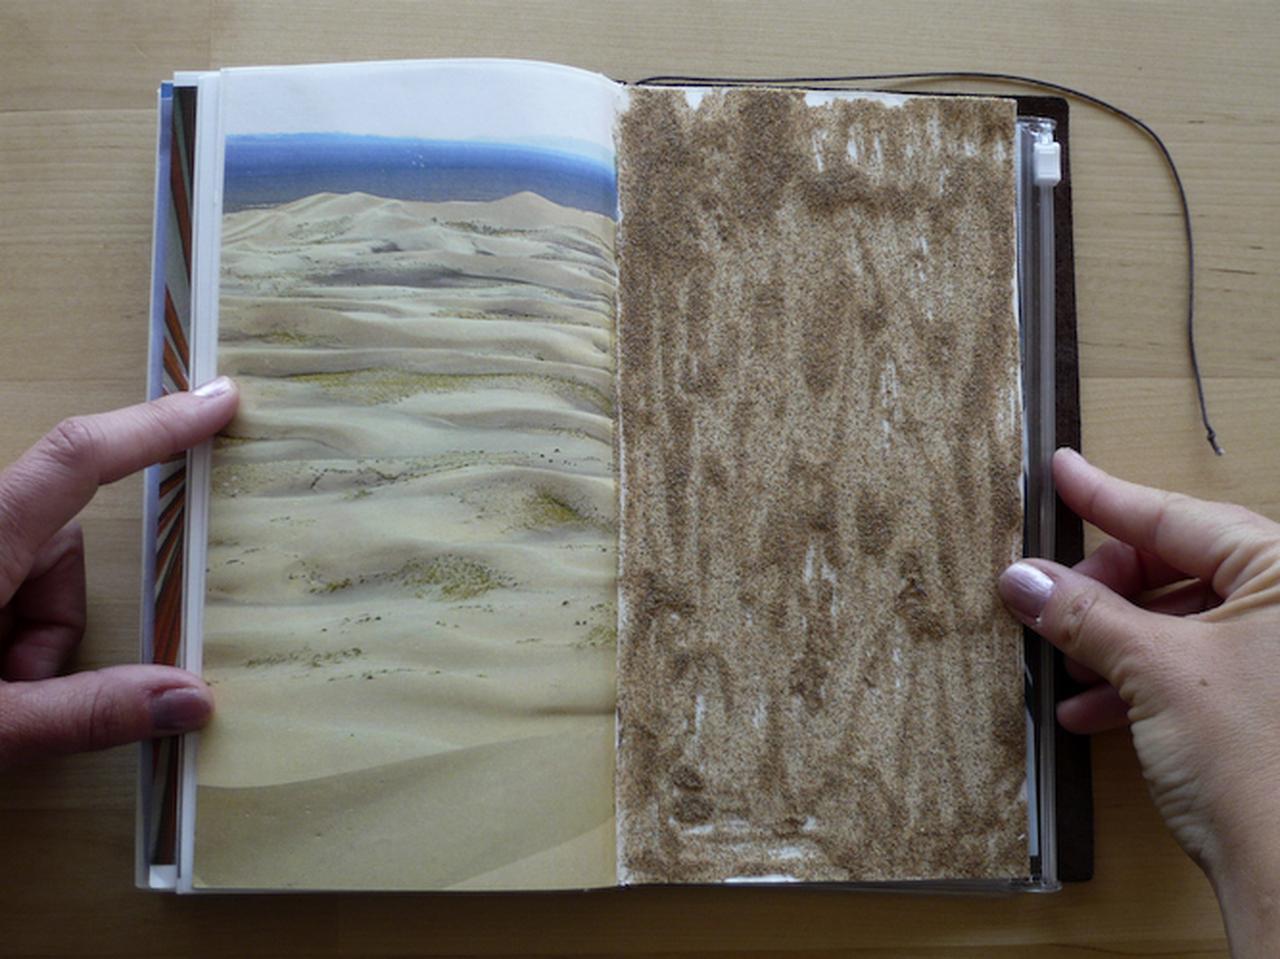 画像: 砂漠の写真と、持ち帰った砂で構成した見開き